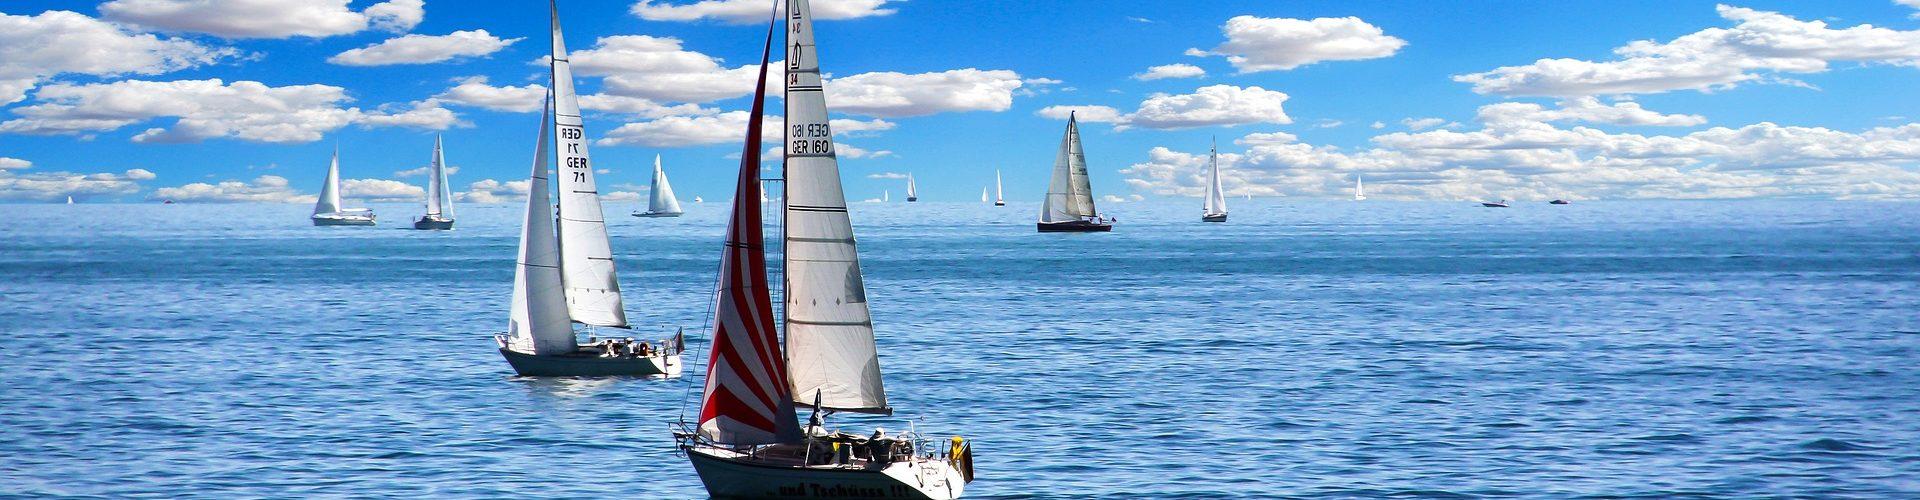 segeln lernen in Neuburg an der Donau segelschein machen in Neuburg an der Donau 1920x500 - Segeln lernen in Neuburg an der Donau